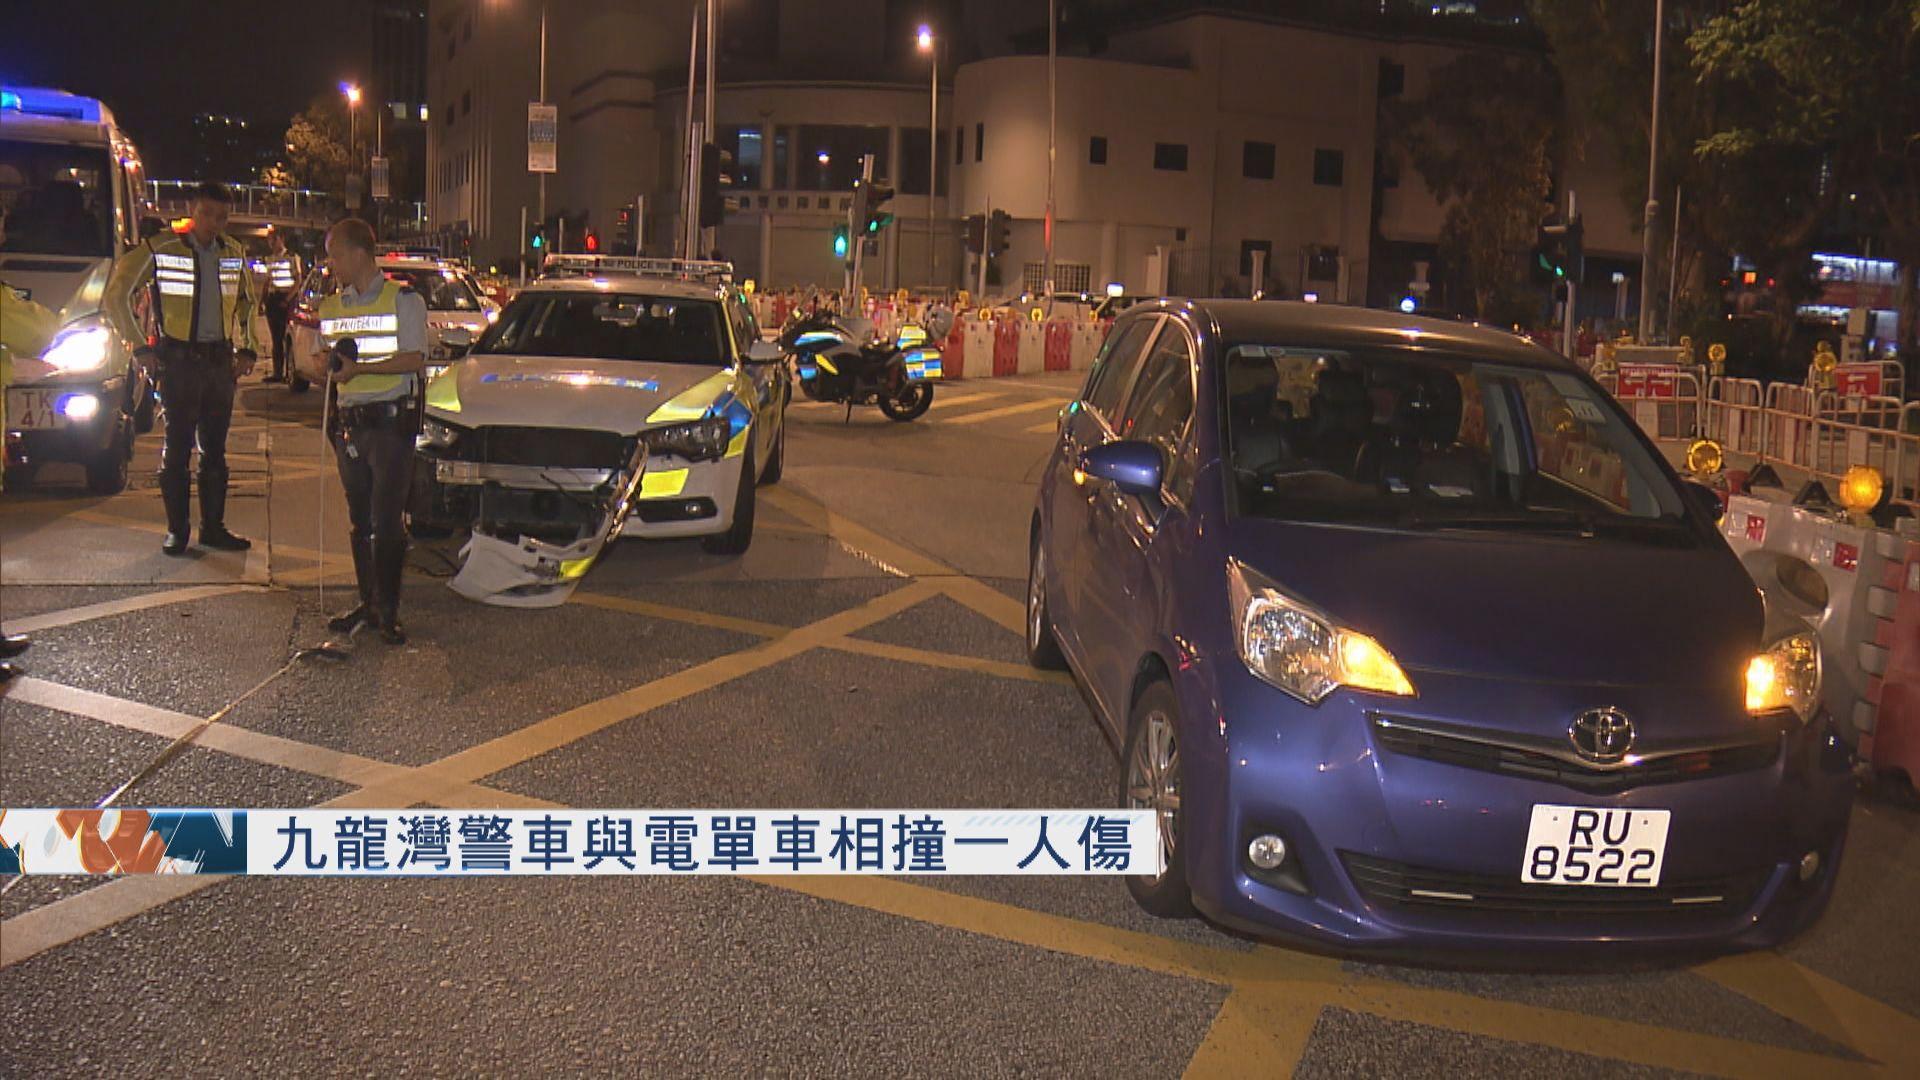 九龍灣警車與電單車相撞一人傷